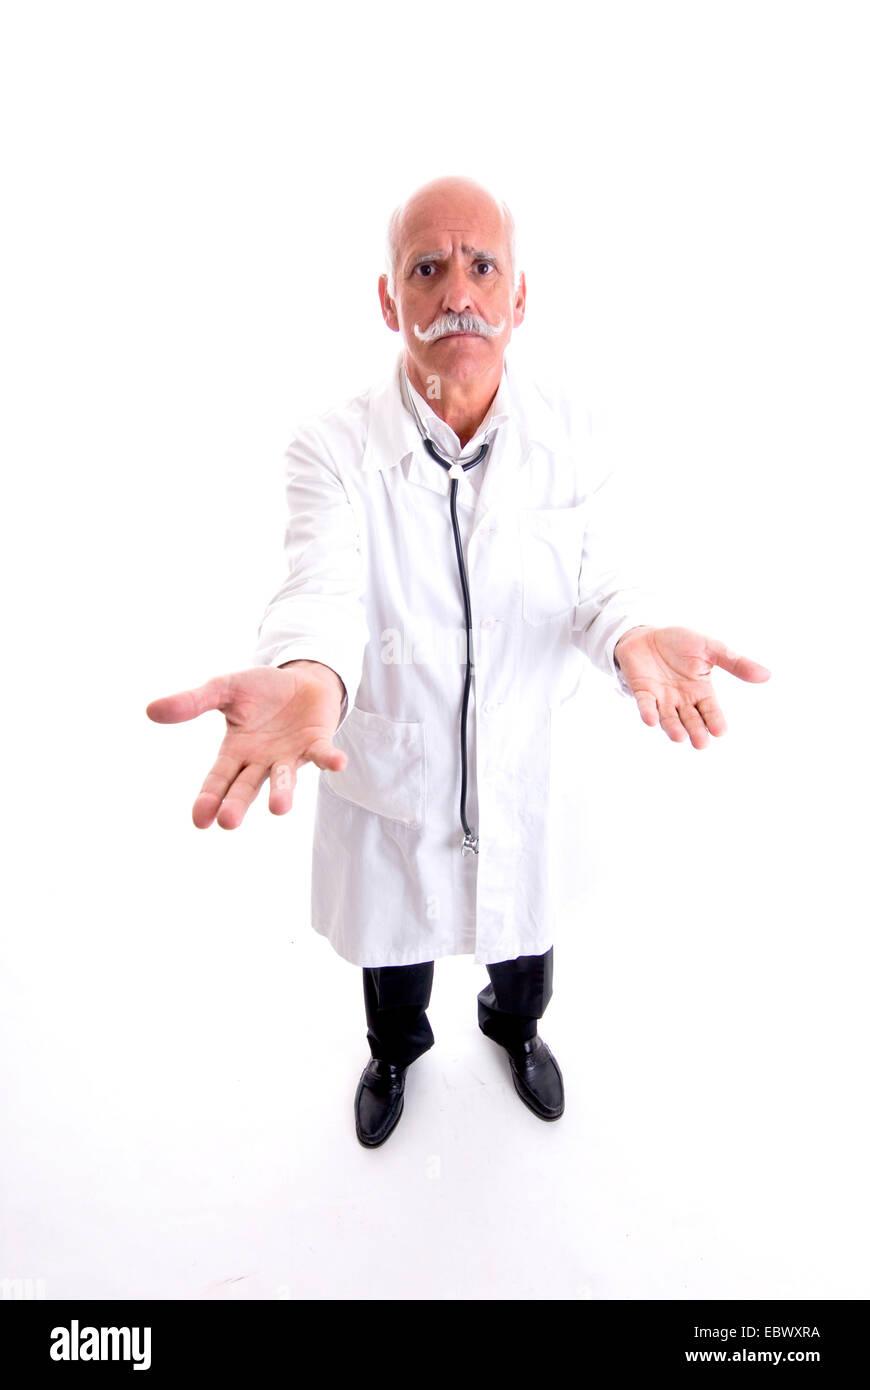 uncontent doctor, Vaihingen/Enz - Stock Image